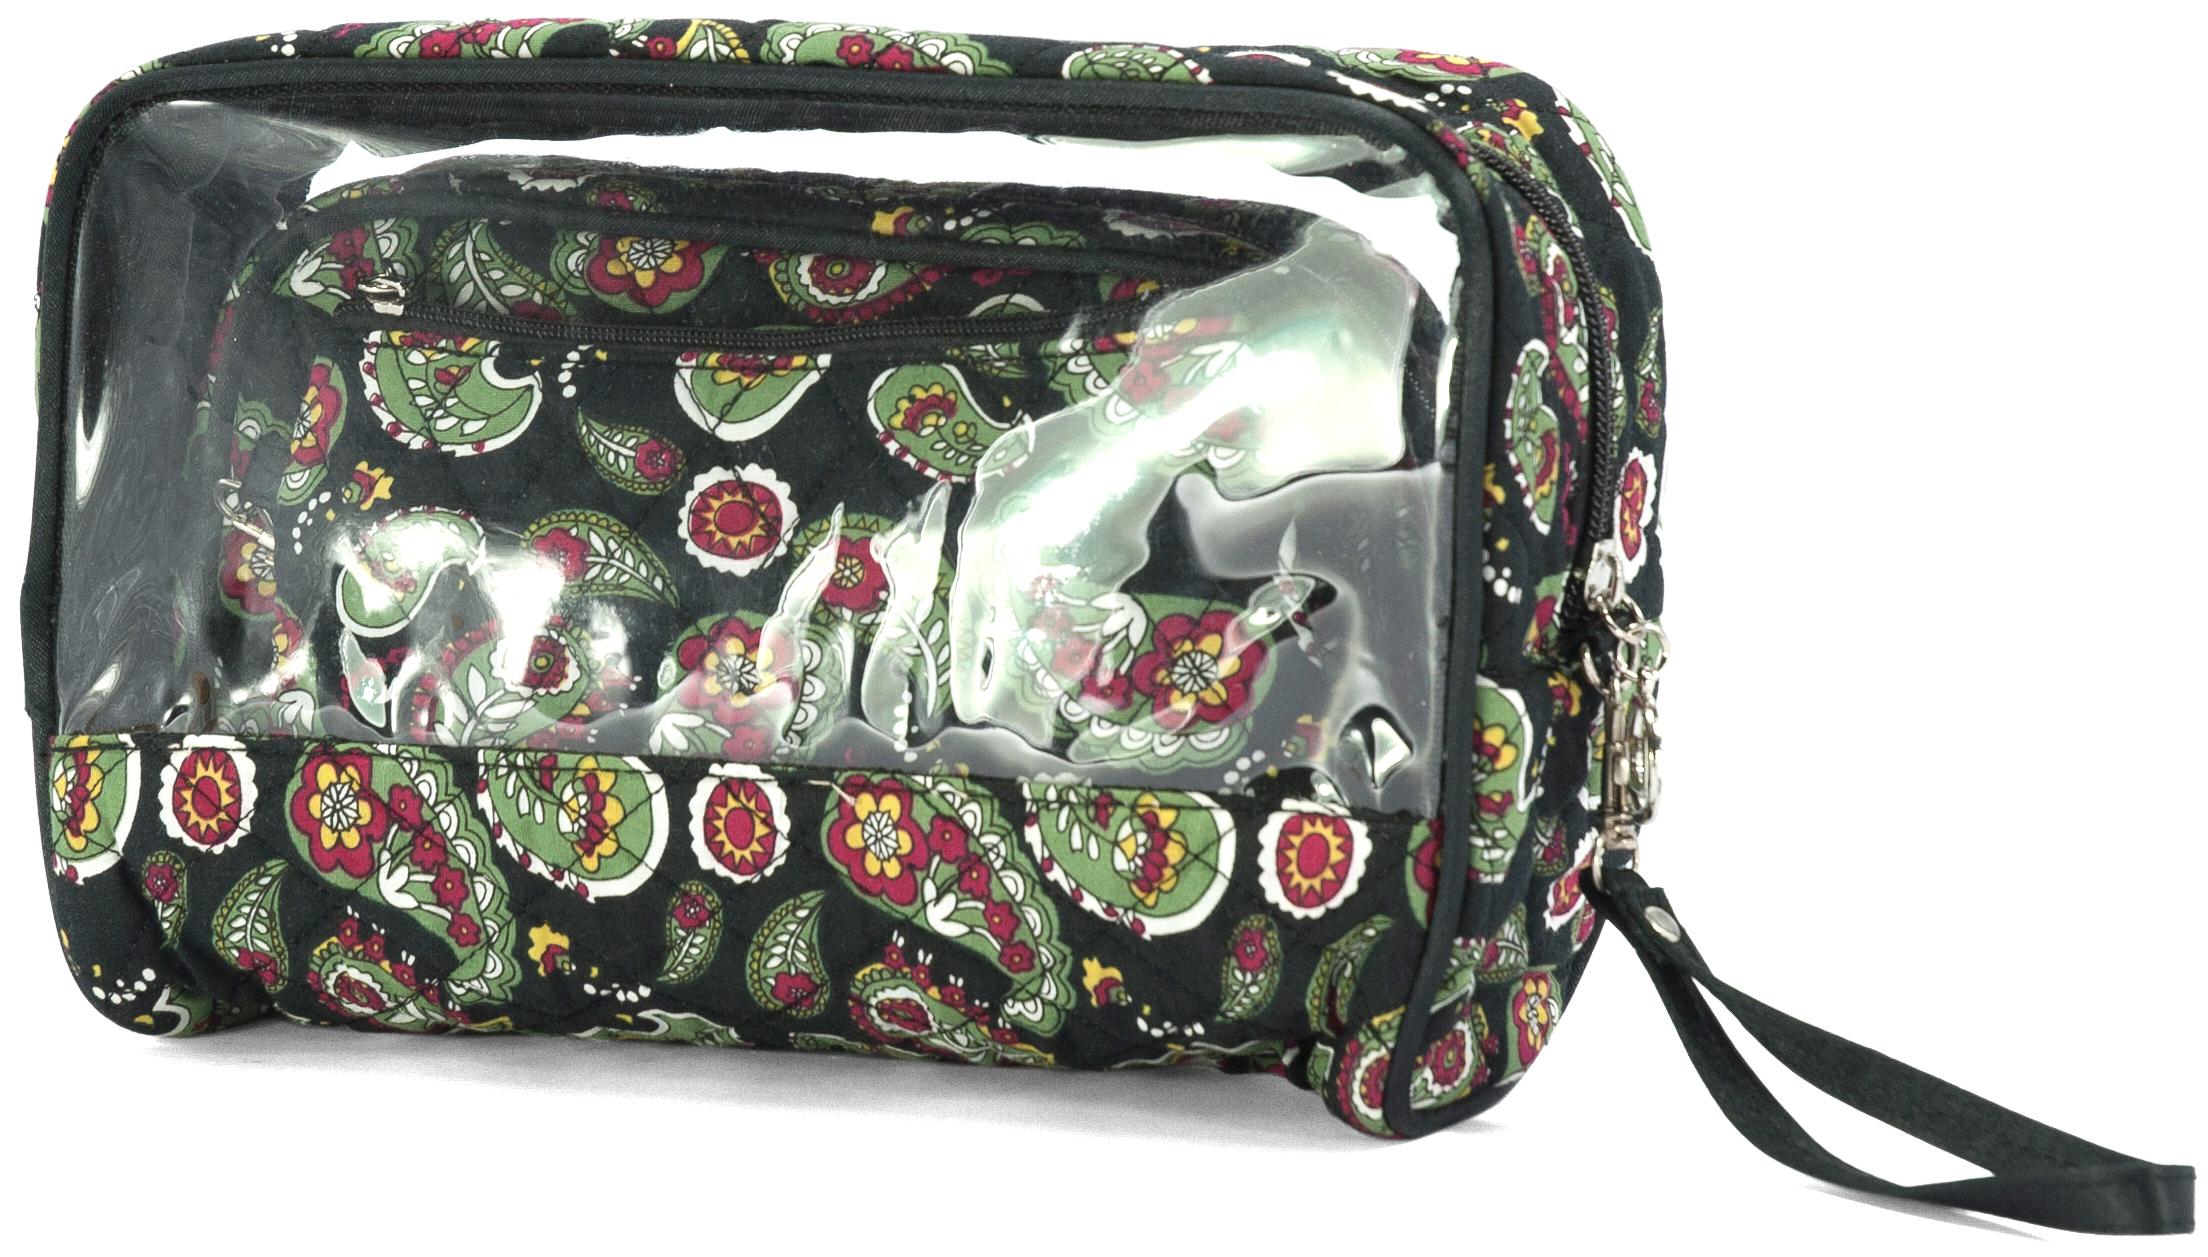 Νεσεσέρ Σετ 3τμχ benzi 5015 Black - benzi - BZ-5015-black ειδη οικ  χρησησ βαλίτσες   τσάντες ταξιδίου